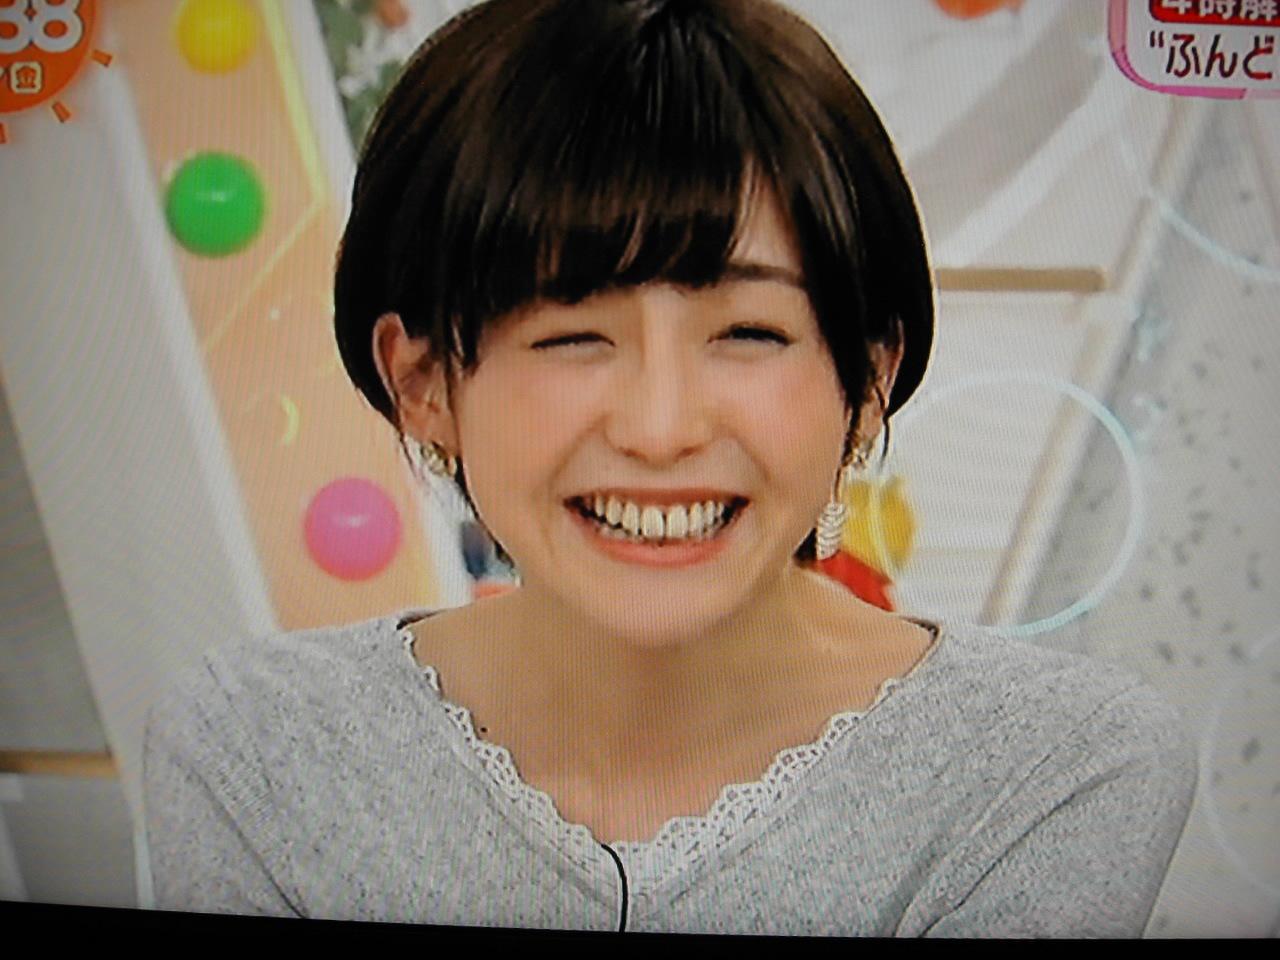 宮司愛海さん - 概観崩壊!